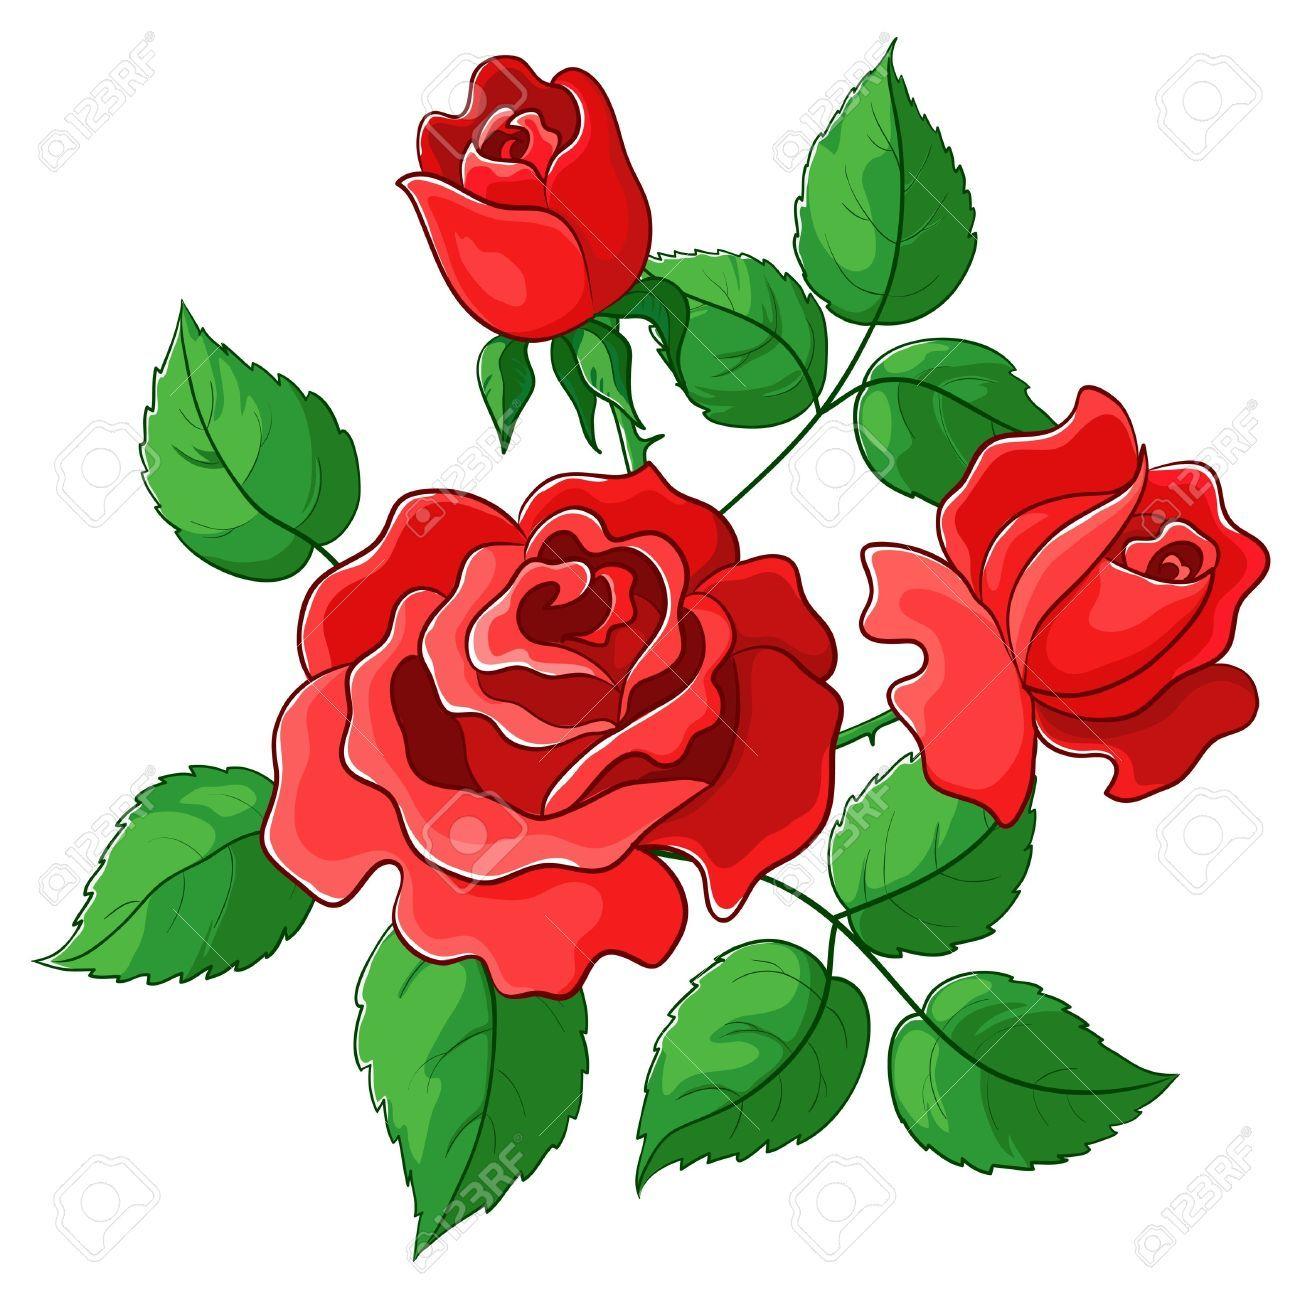 9310172flowersrosesvectorredbudsandgreenleaves